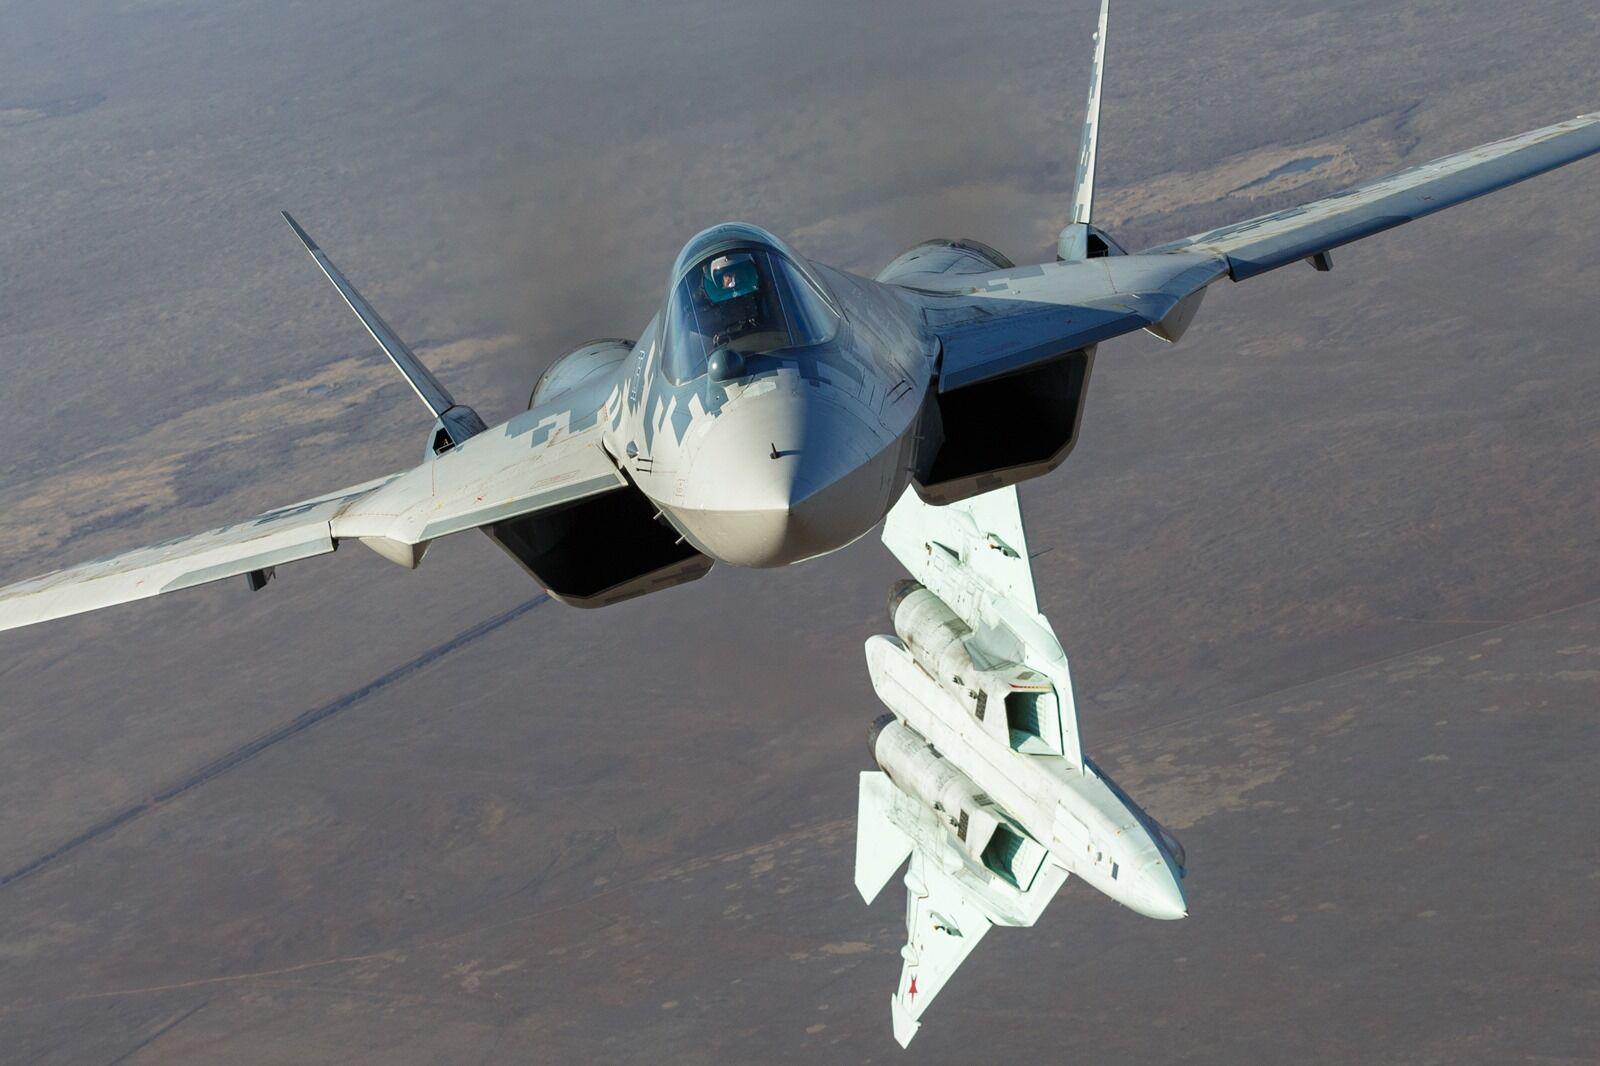 俄工貿部長:俄軍工部門正在制定蘇-57戰鬥機升級方案